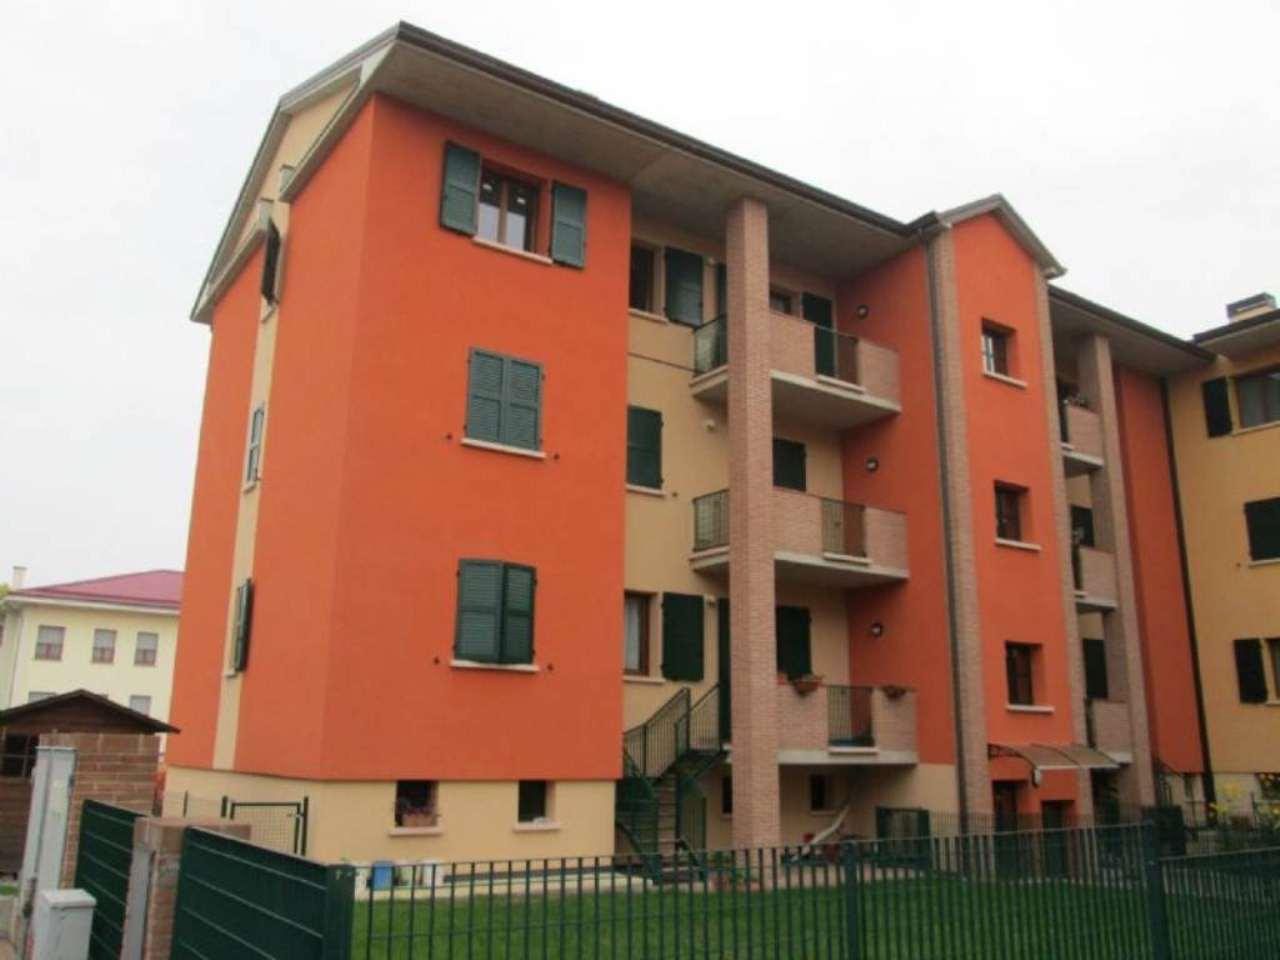 Appartamento in vendita a Medesano, 3 locali, prezzo € 135.000 | Cambio Casa.it